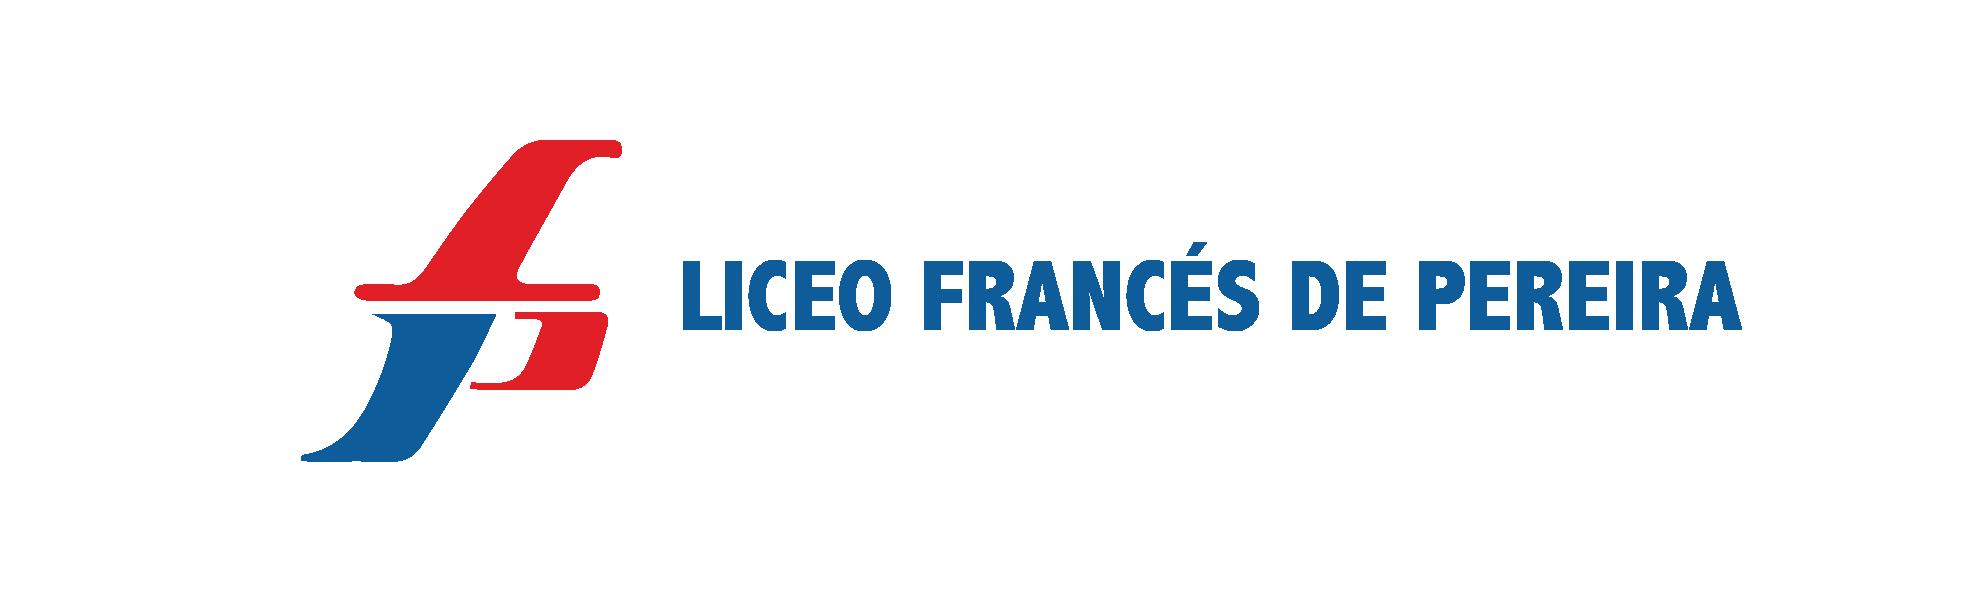 Logo Liceo Frances Pereira